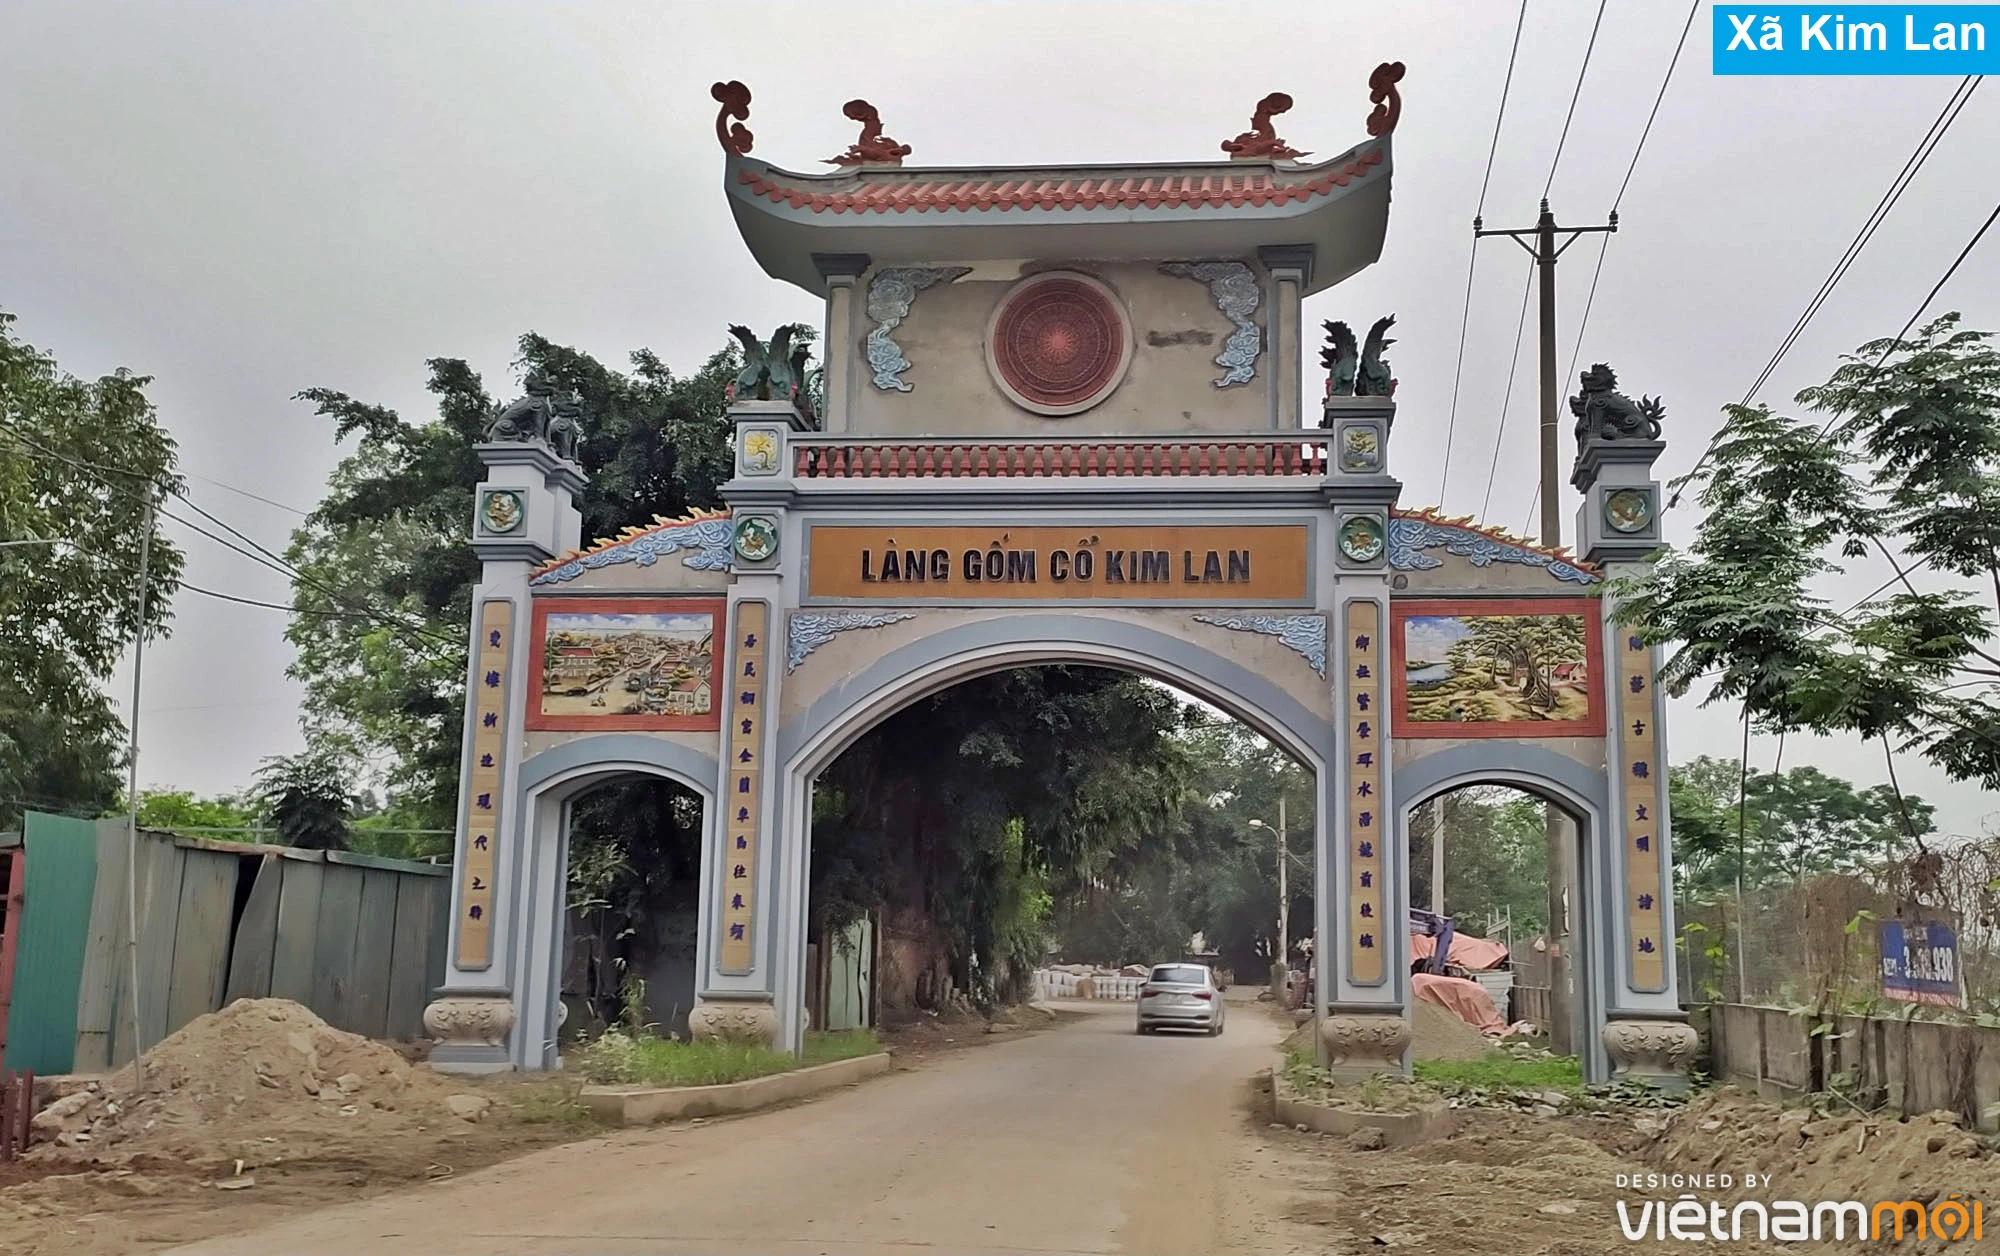 Toàn cảnh hiện trạng Phân khu đô thị sông Hồng trên địa bàn huyện Gia Lâm - Ảnh 31.